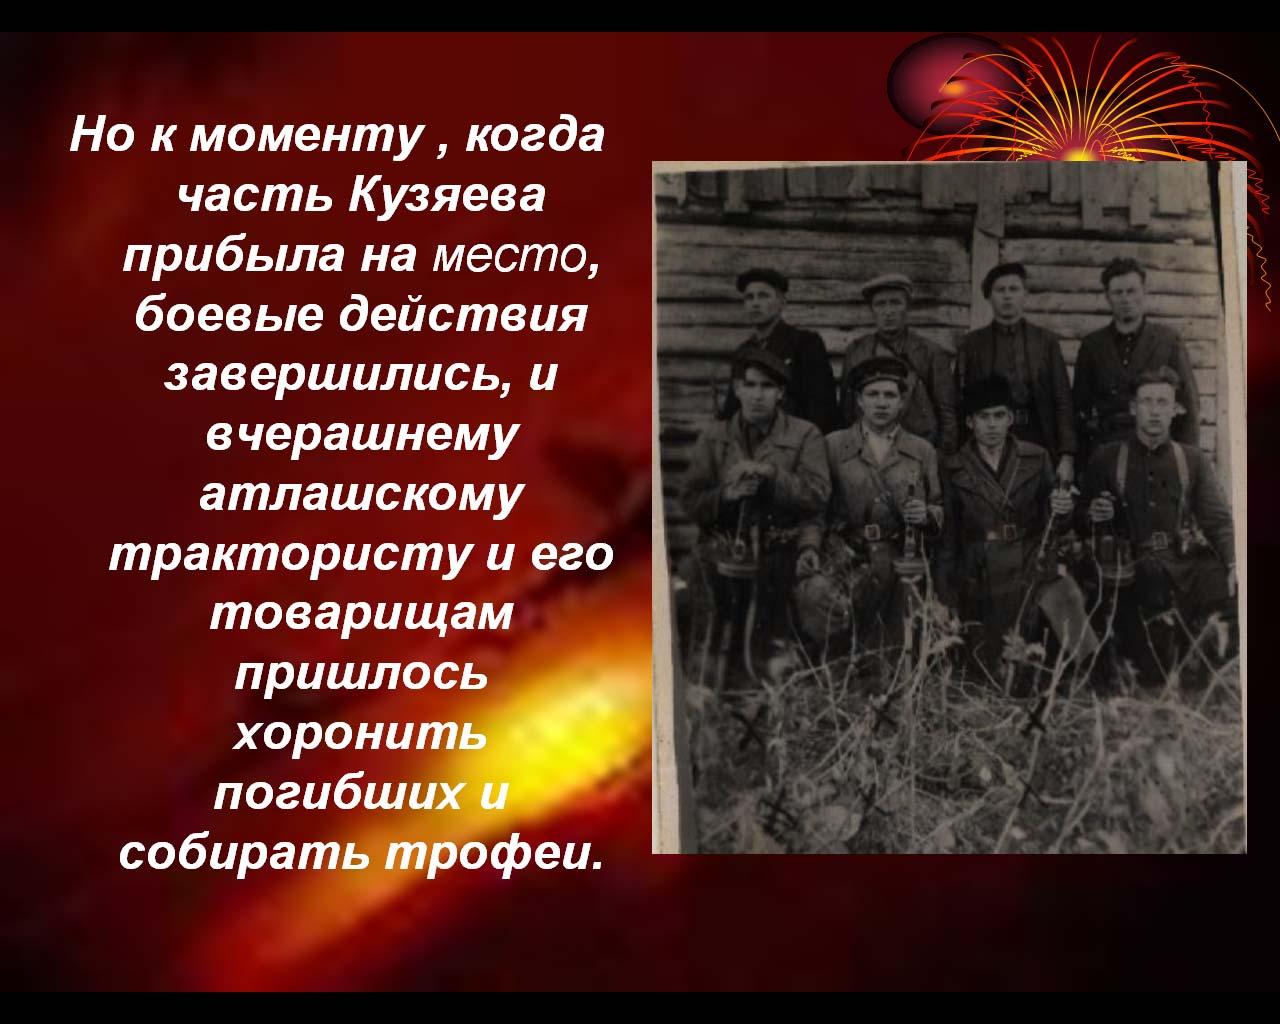 kuz_04